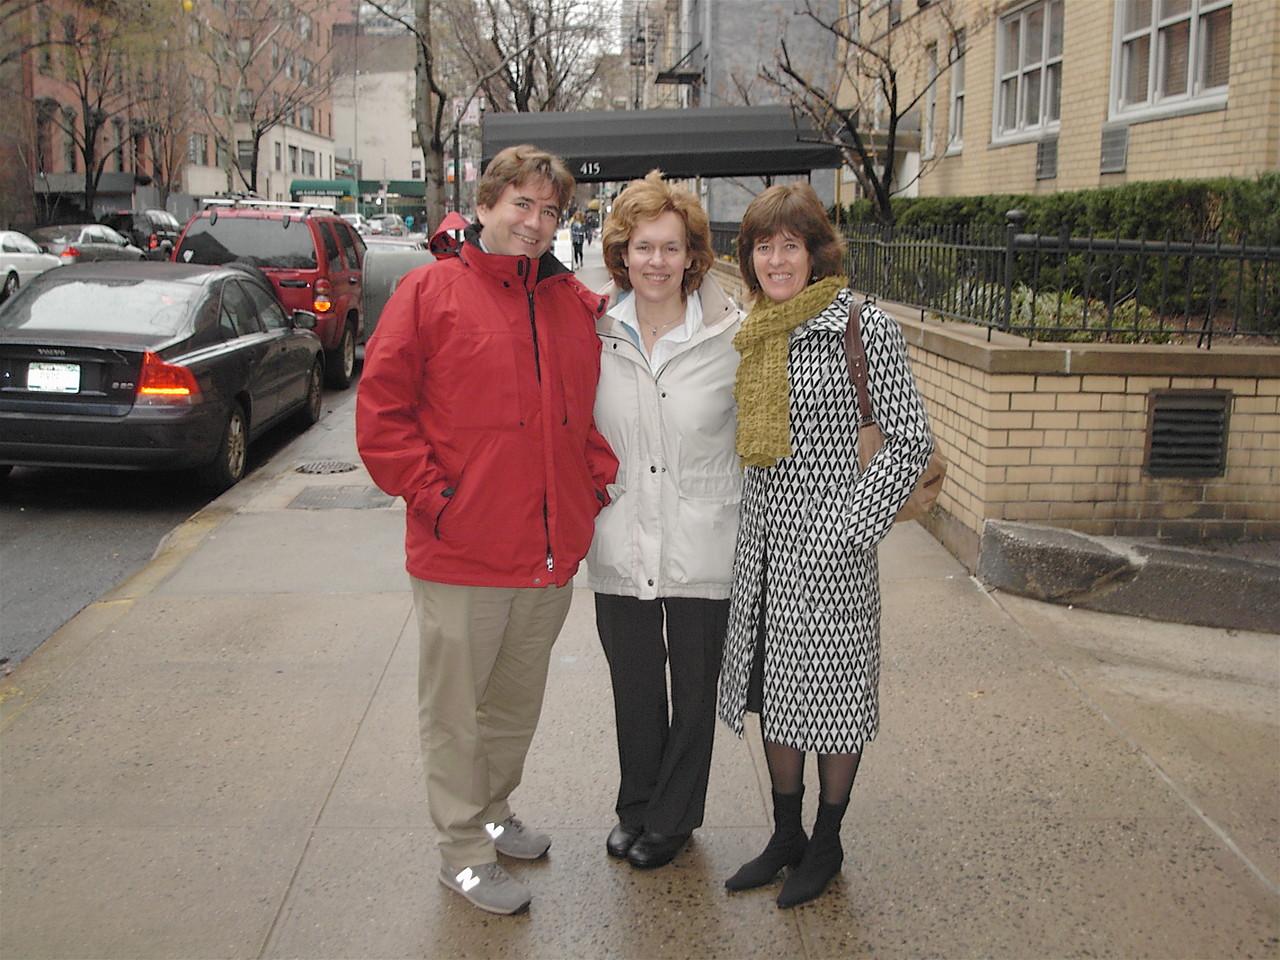 John, Lorraine, & Nancy  2006  NYC